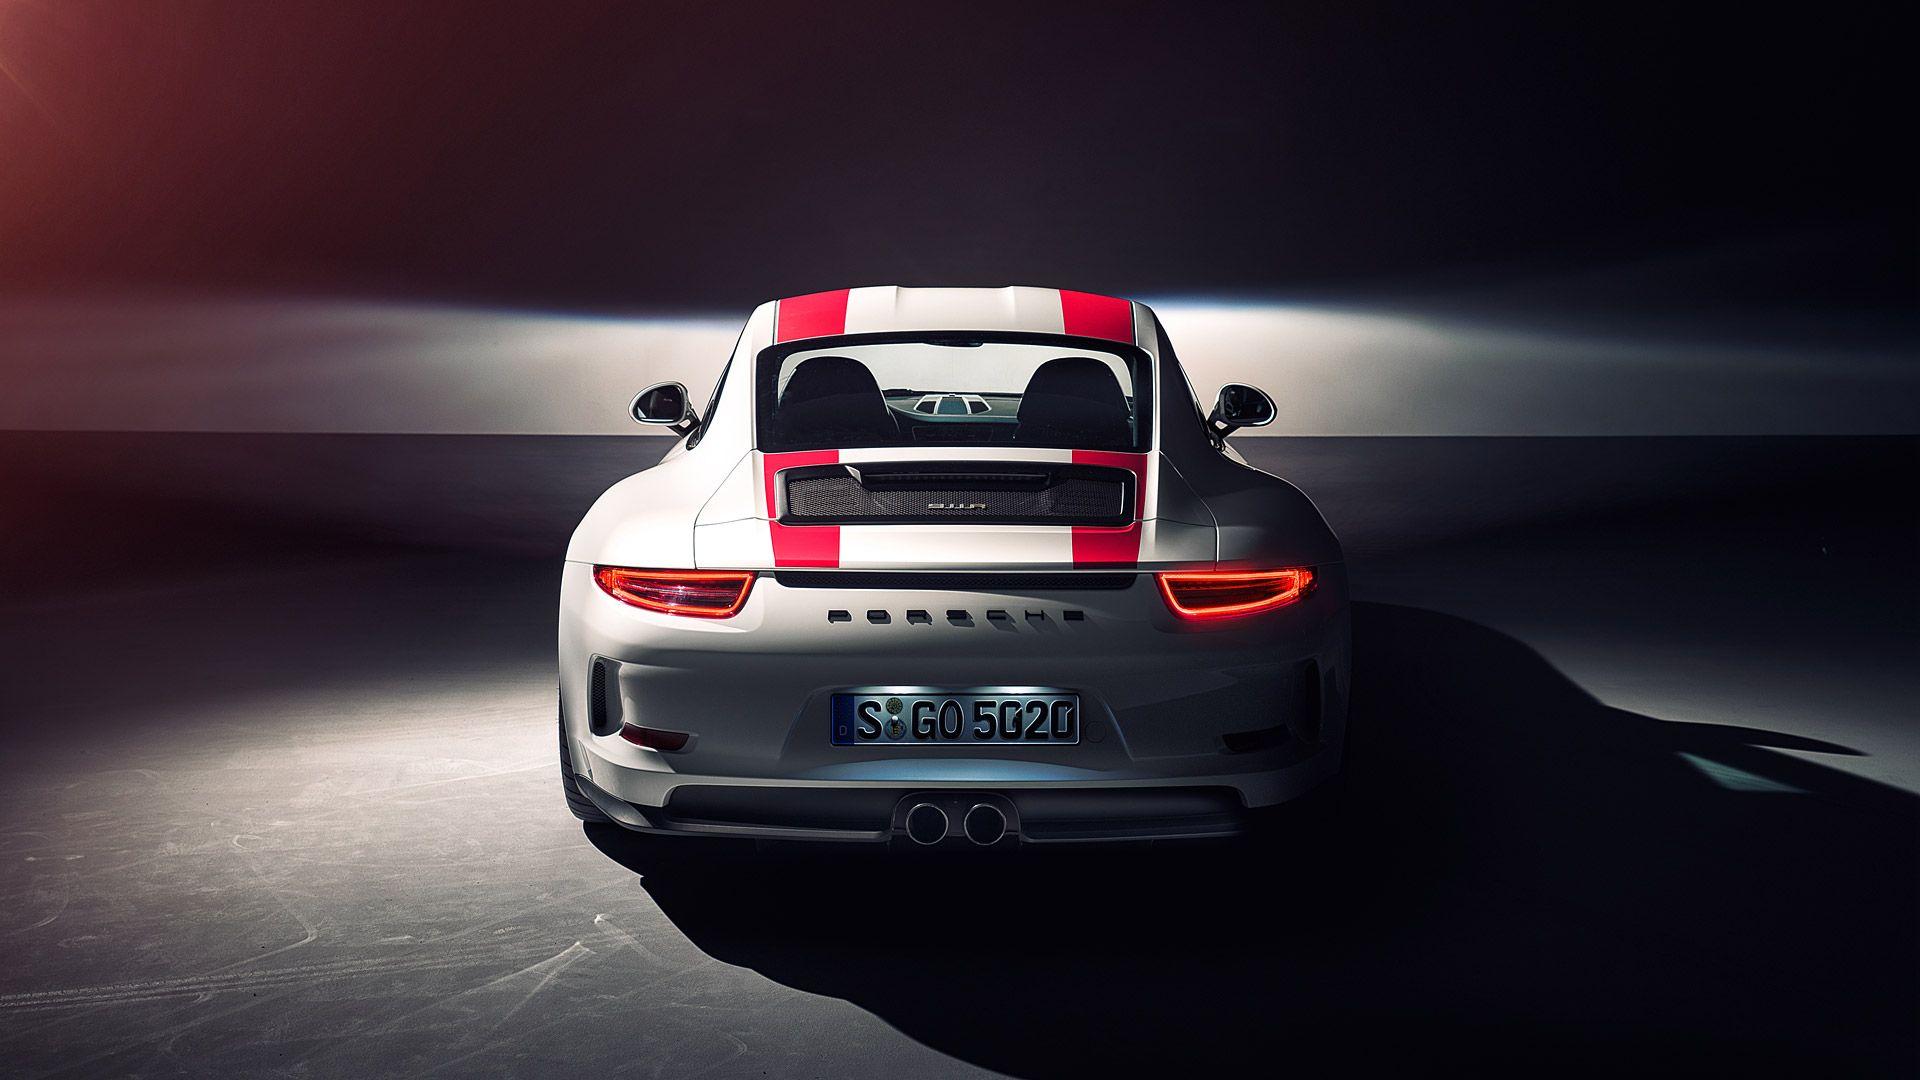 Porsche 911 Wallpapers   Top Porsche 911 Backgrounds 1920x1080